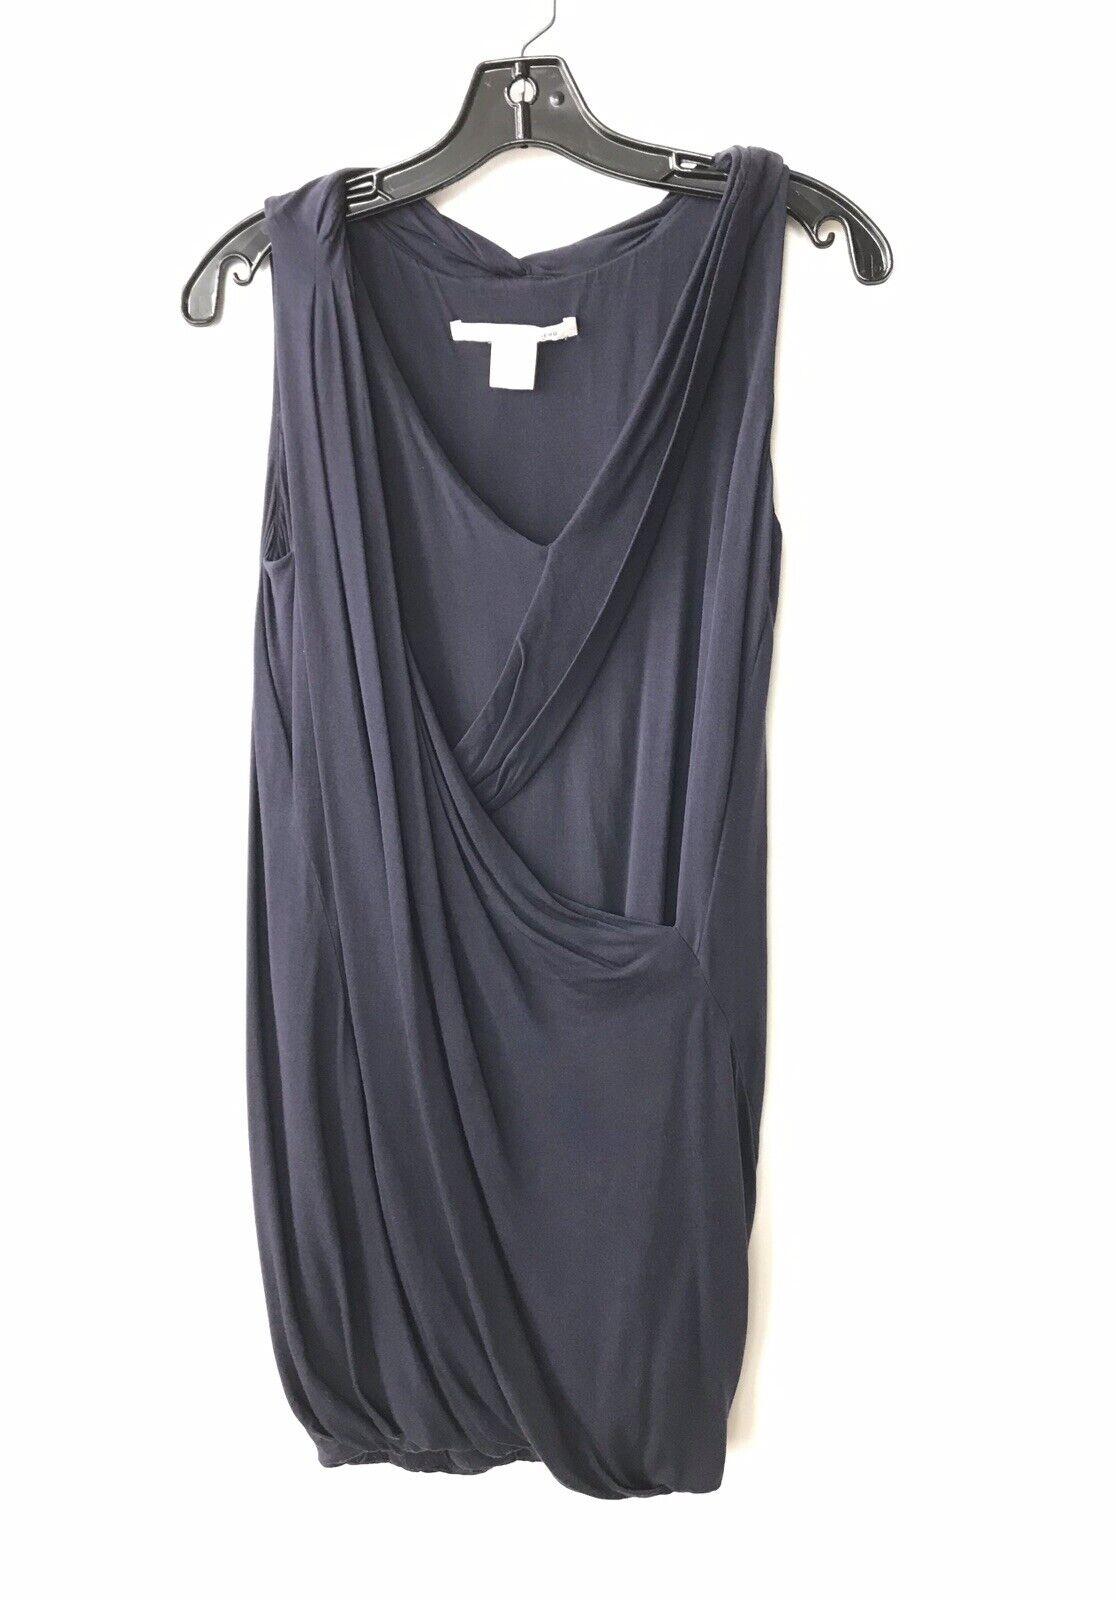 Diane Von Furstenberg Petite Navy Navy Navy Dress 18dc7c